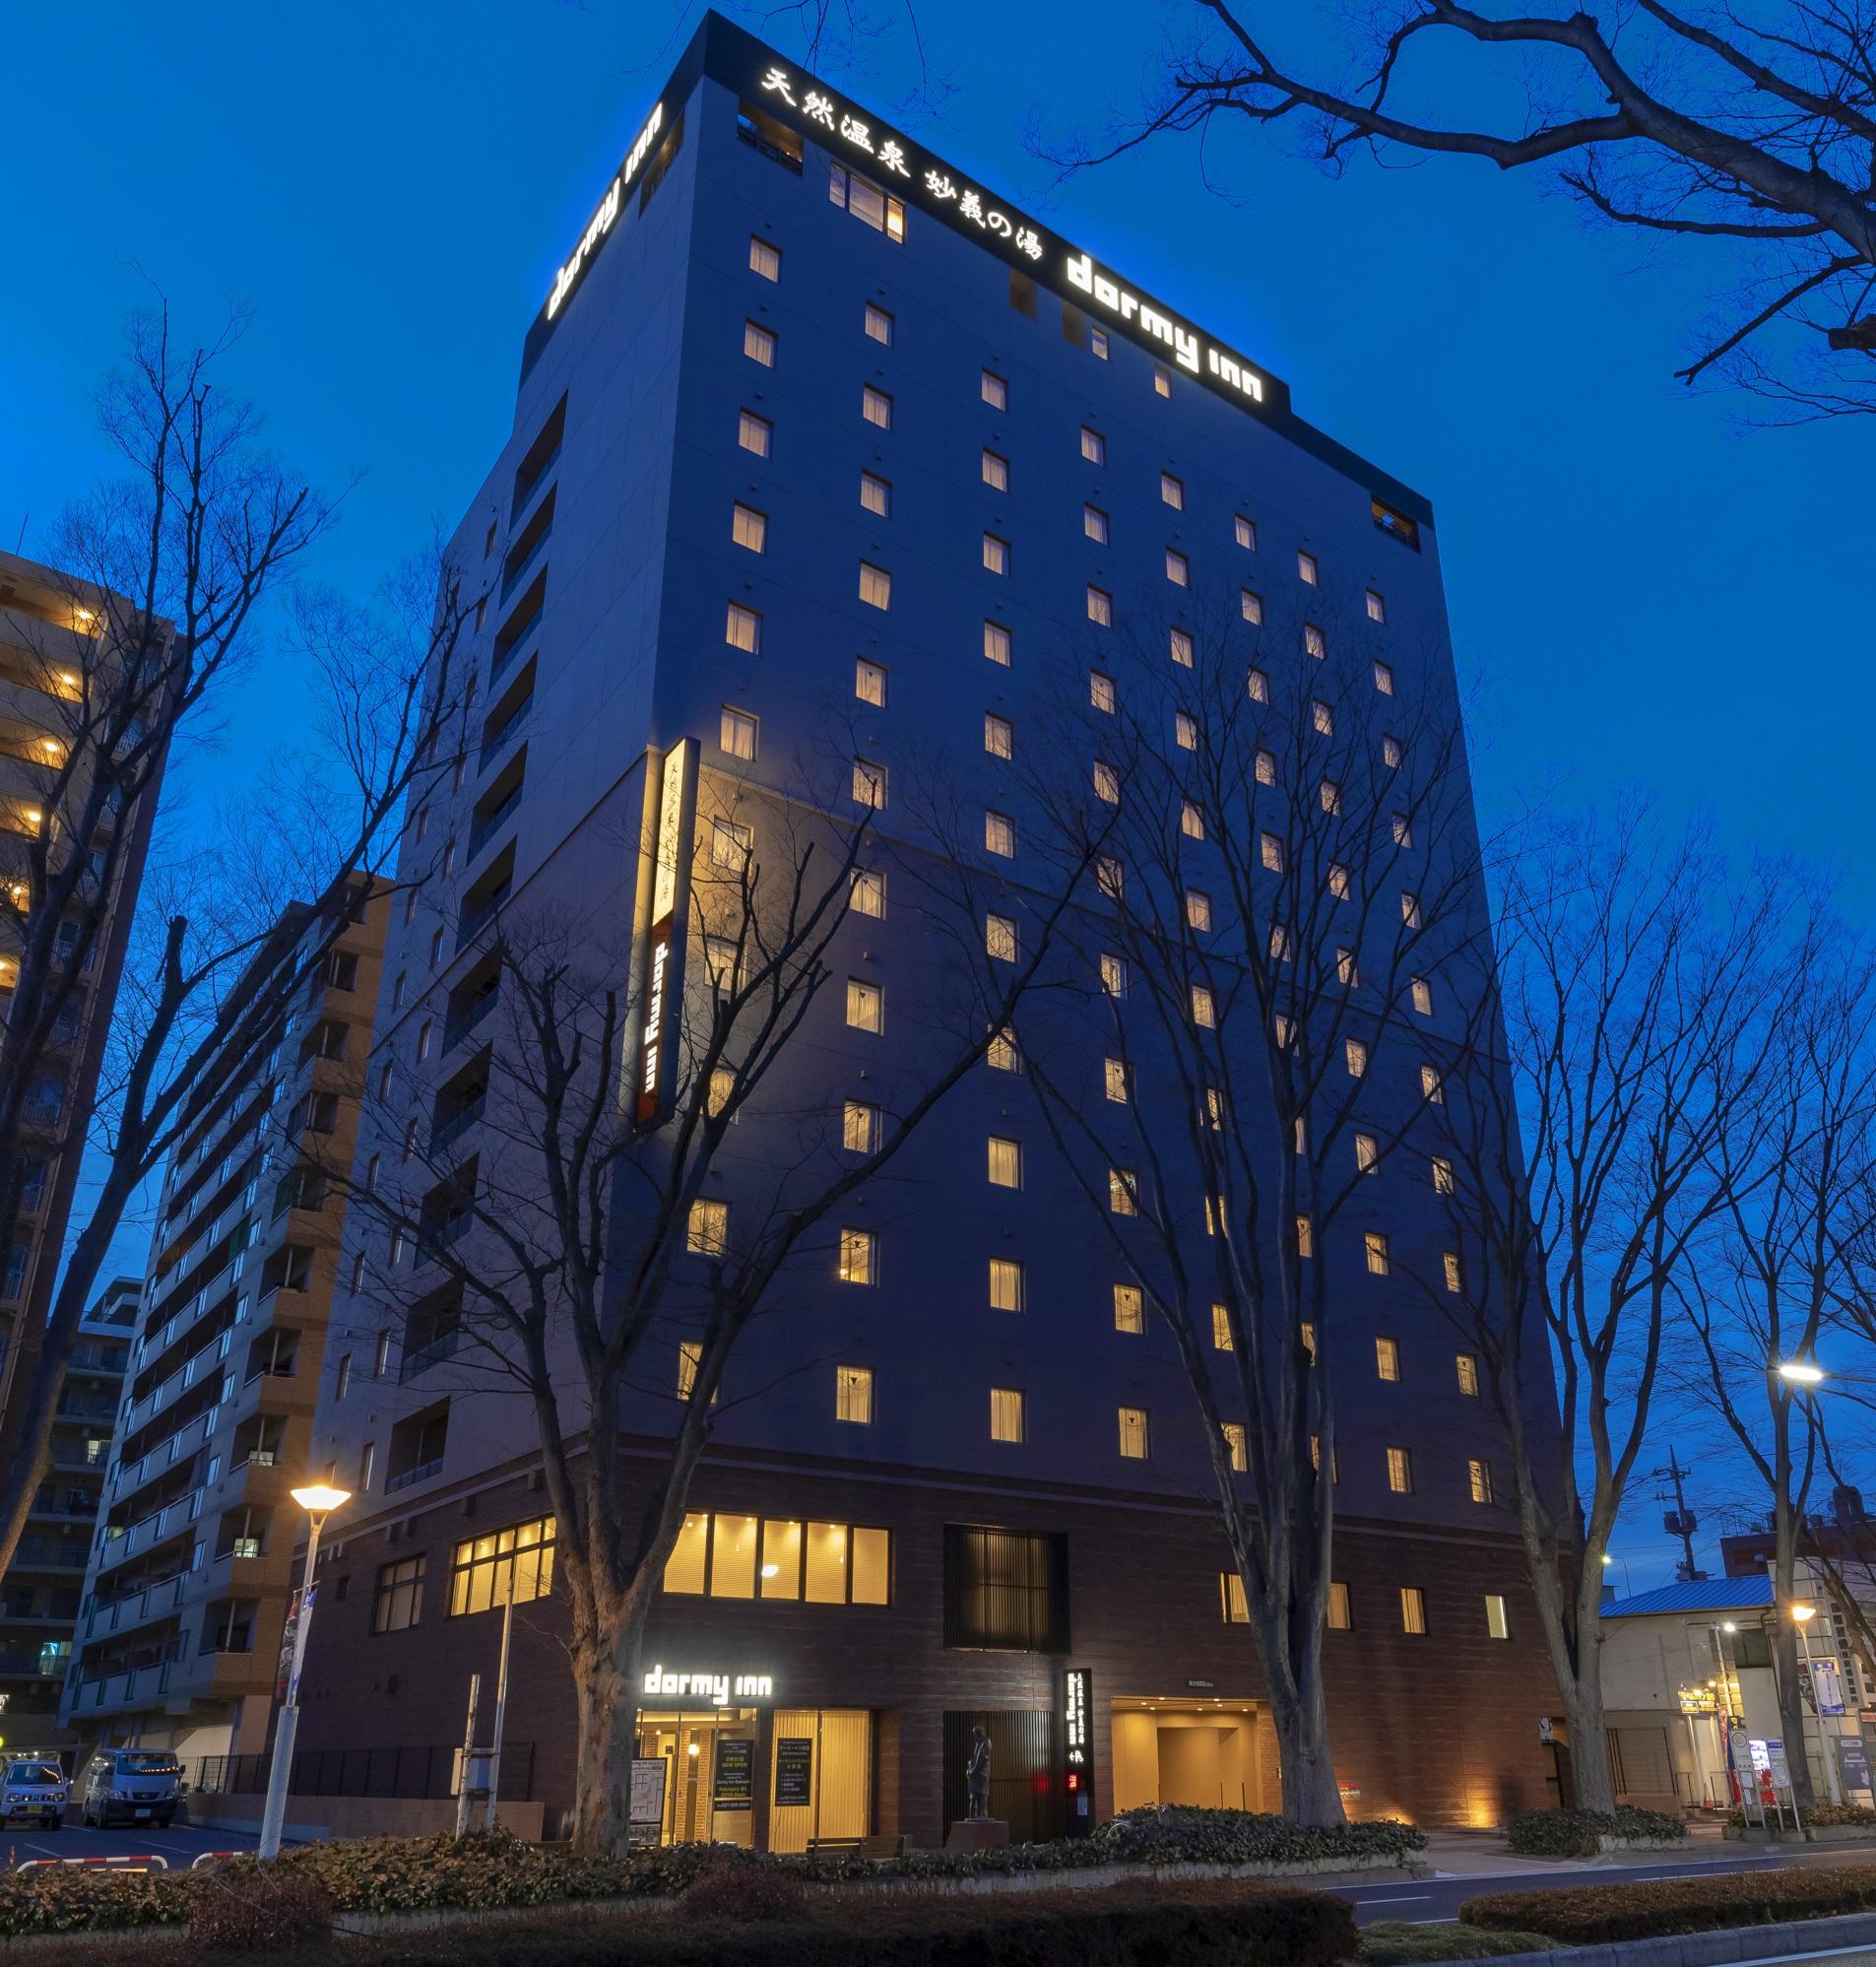 近場で天然温泉を楽しみたい。関東でおすすめのドーミーイングループホテルは?